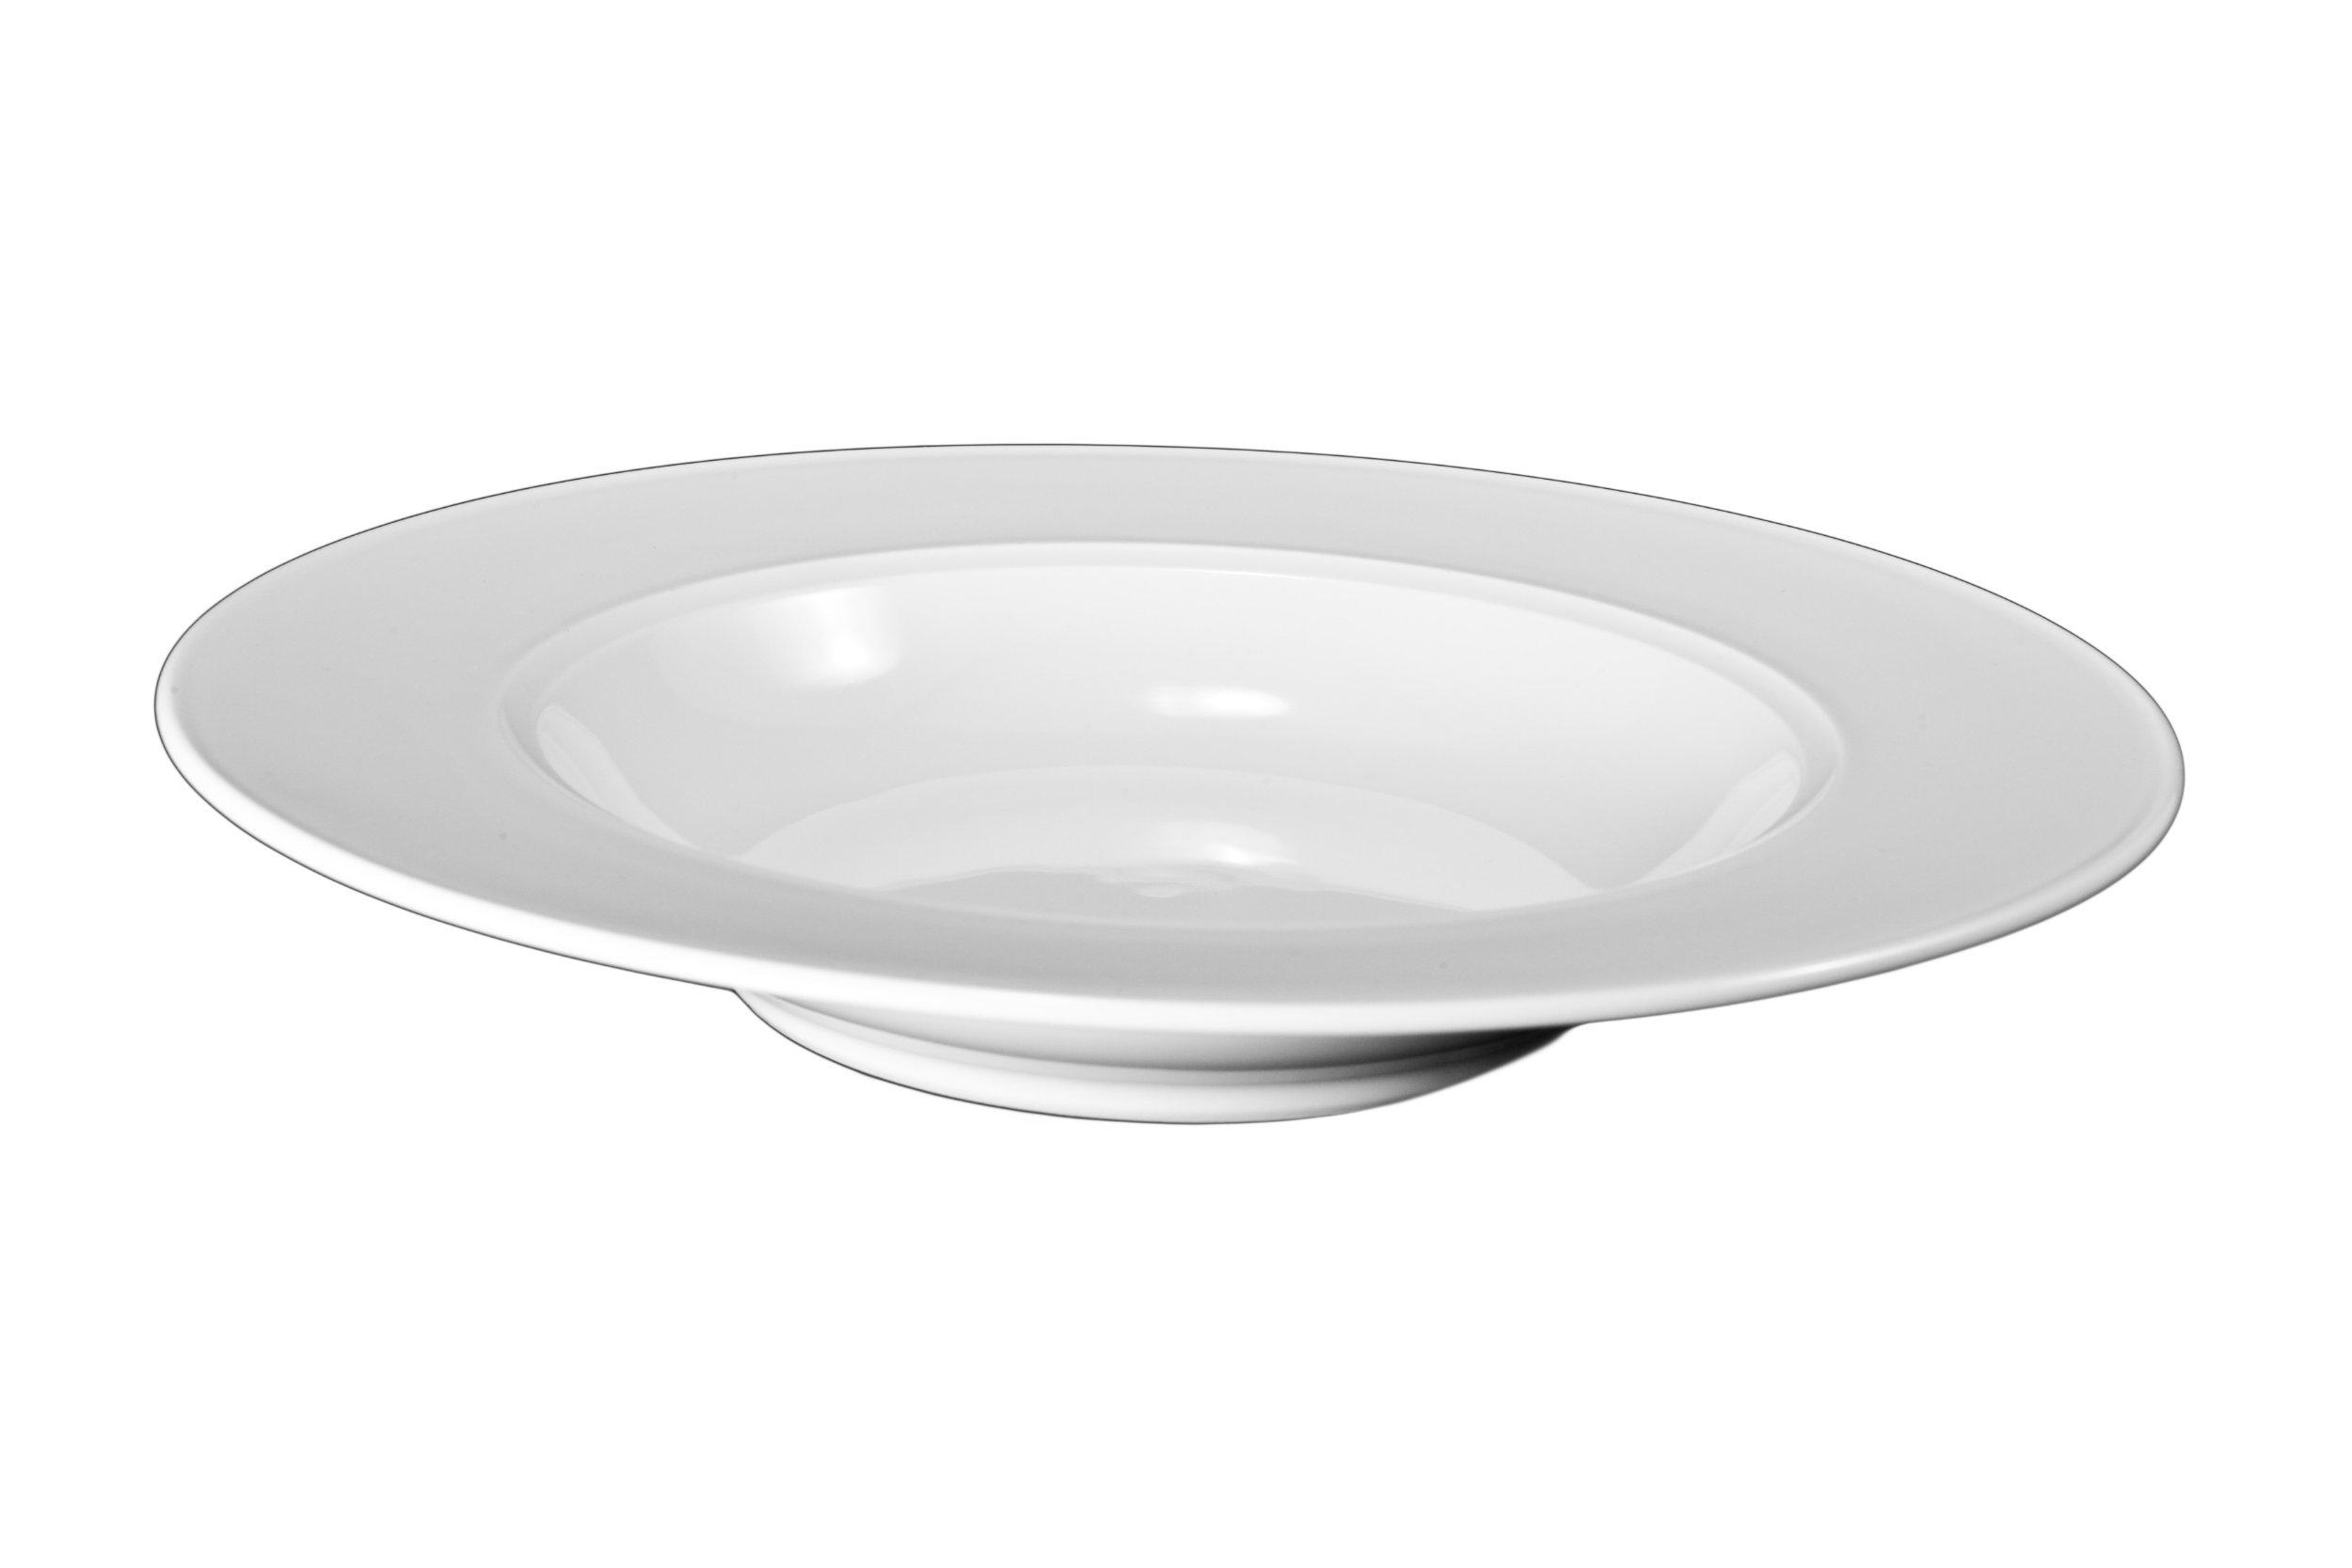 Bia Cordon Bleu White Porcelain Saturn Rim Soup Bowls, Set of 4